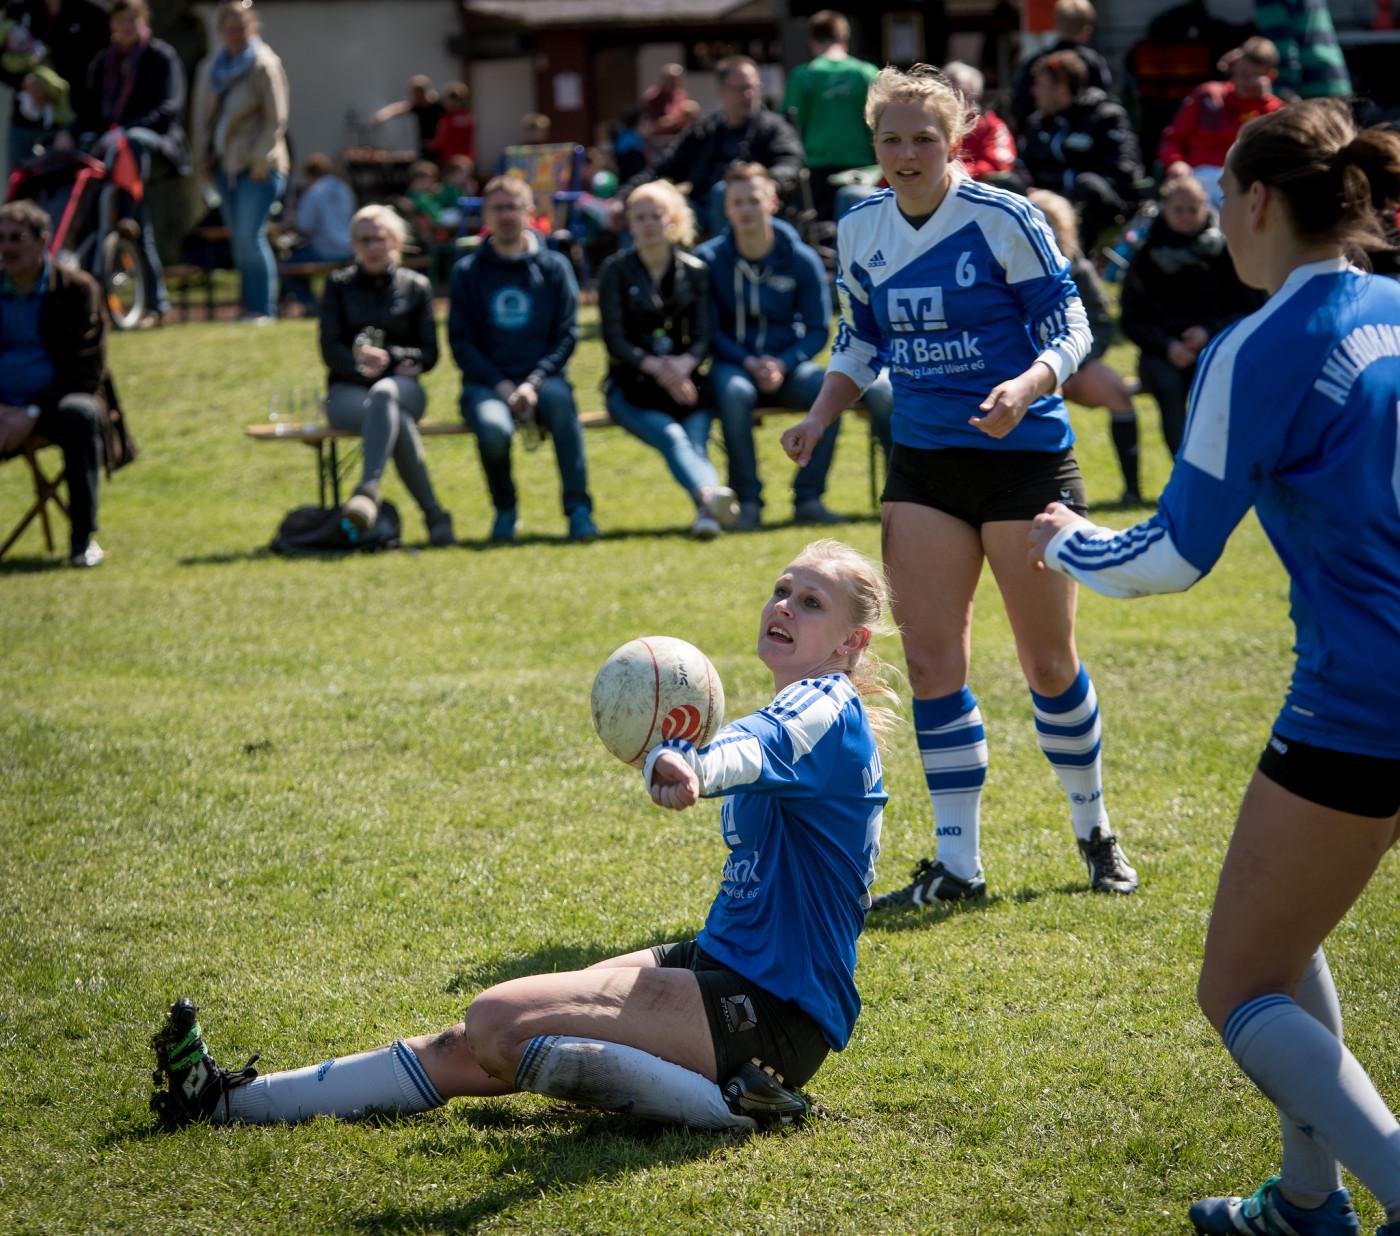 MIt dem Sieg beim TKH-Turnier im Rücken startet der Ahlhorner SV in die Liga. (Foto: DFBL/Schönwandt)